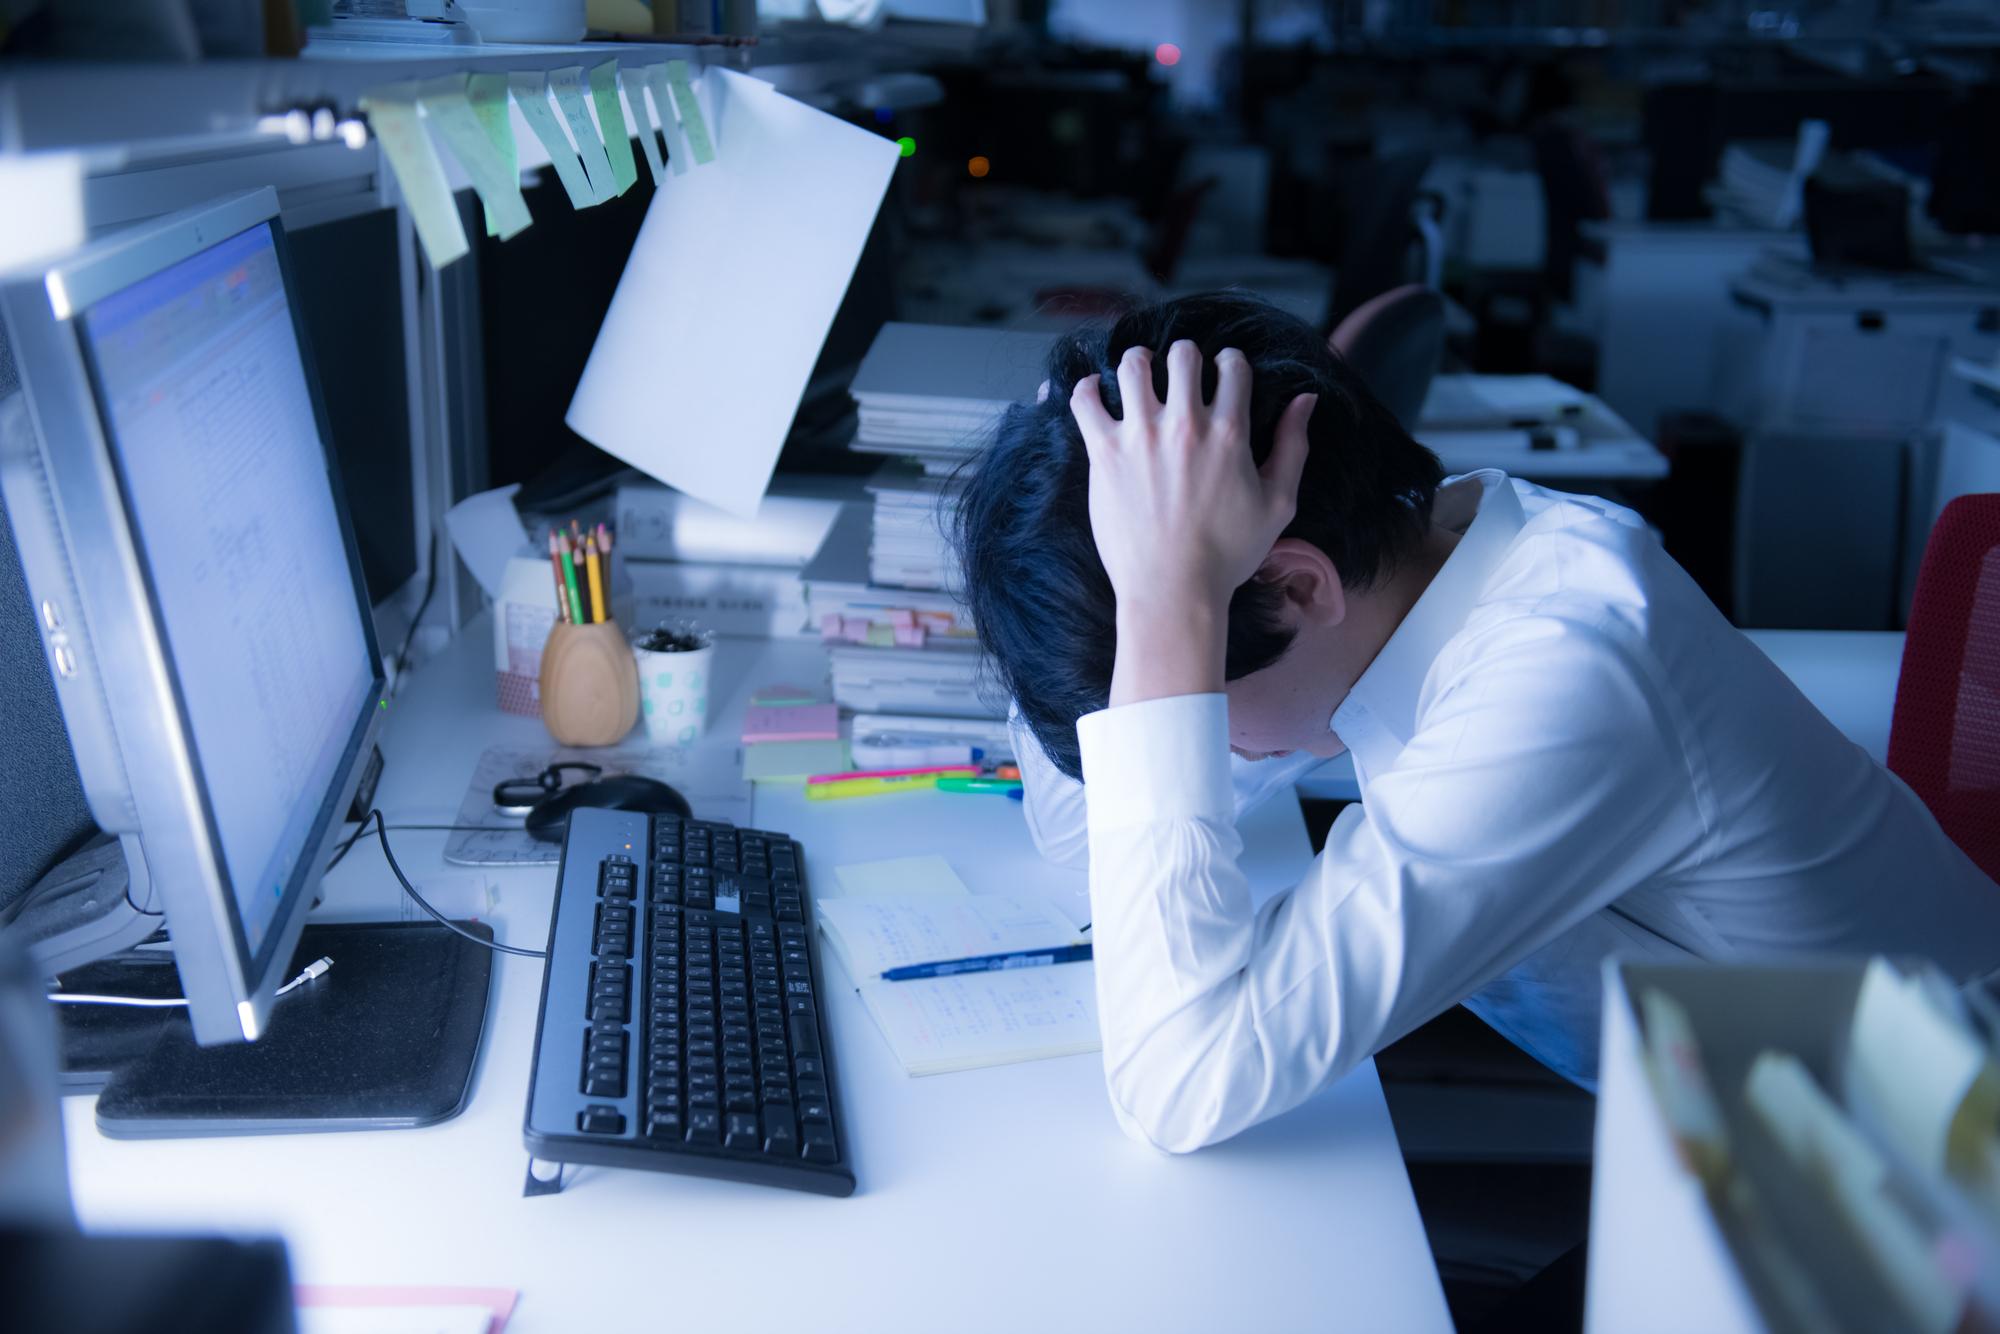 残業代ゼロ法案が通っても人事部が変わらなければ意味はない